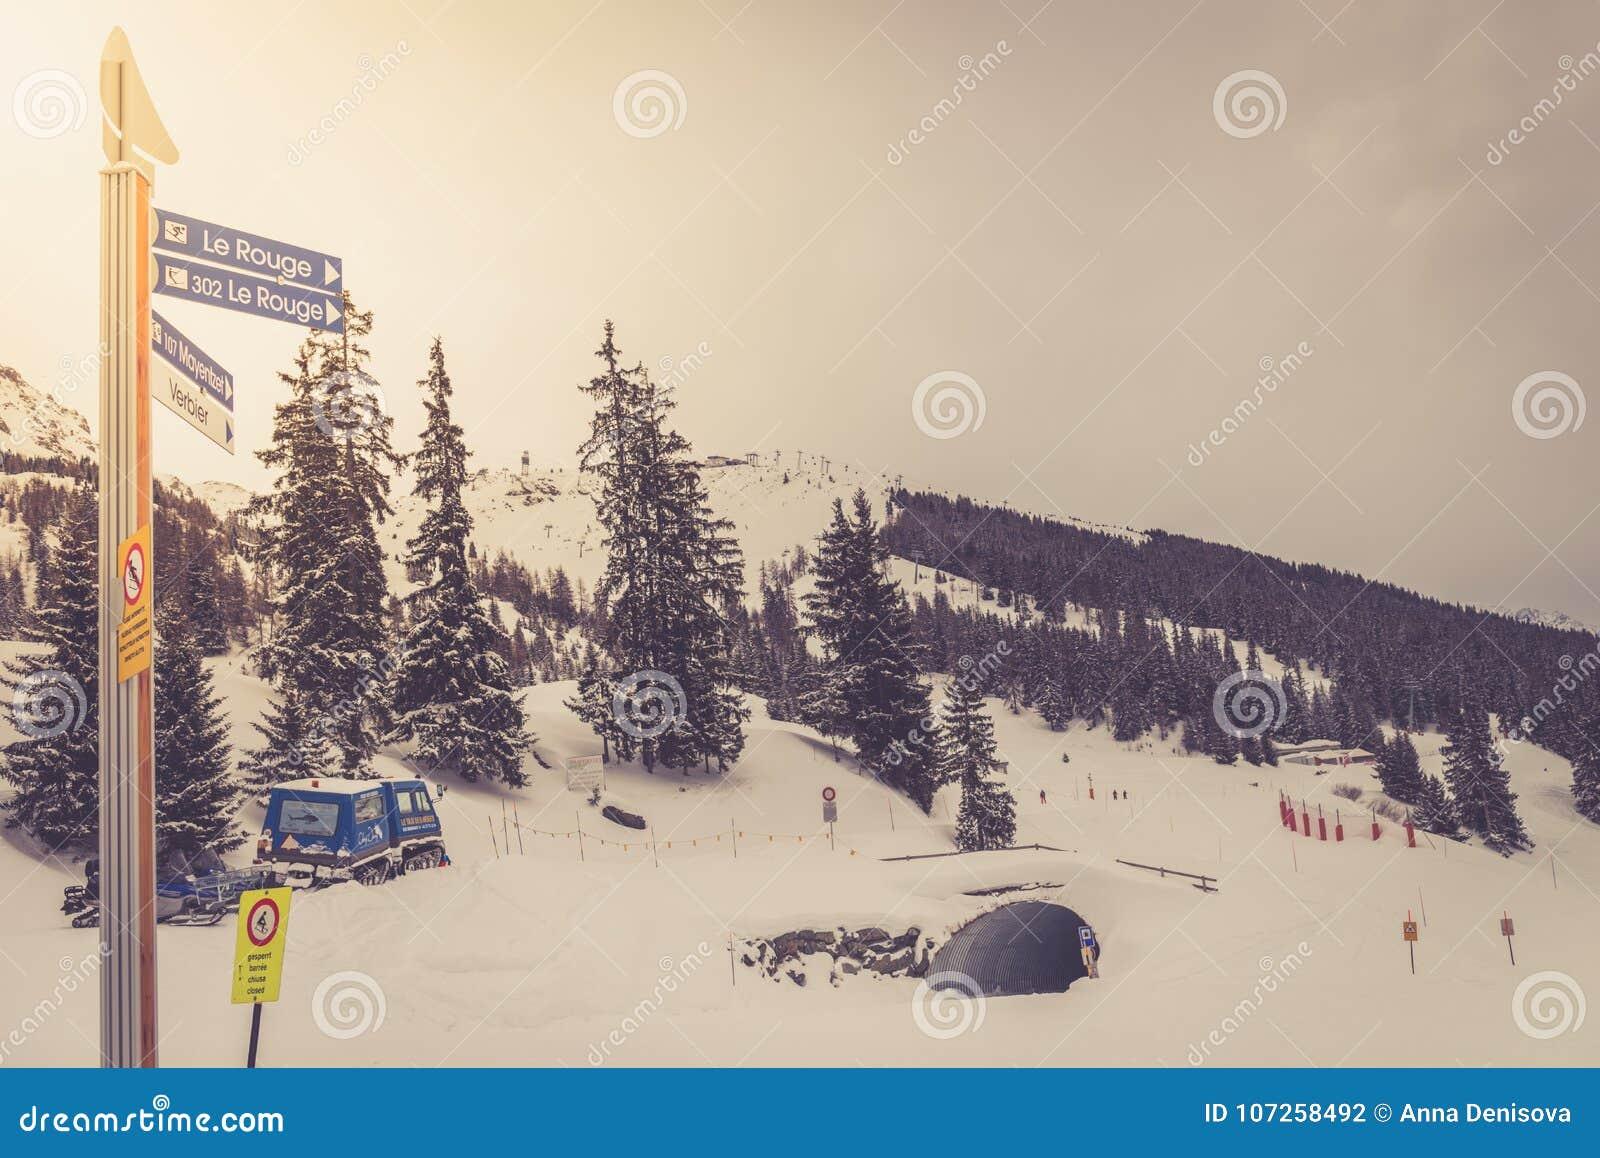 Zima widok na dolinie w Szwajcarskich Alps, Verbier, Szwajcaria